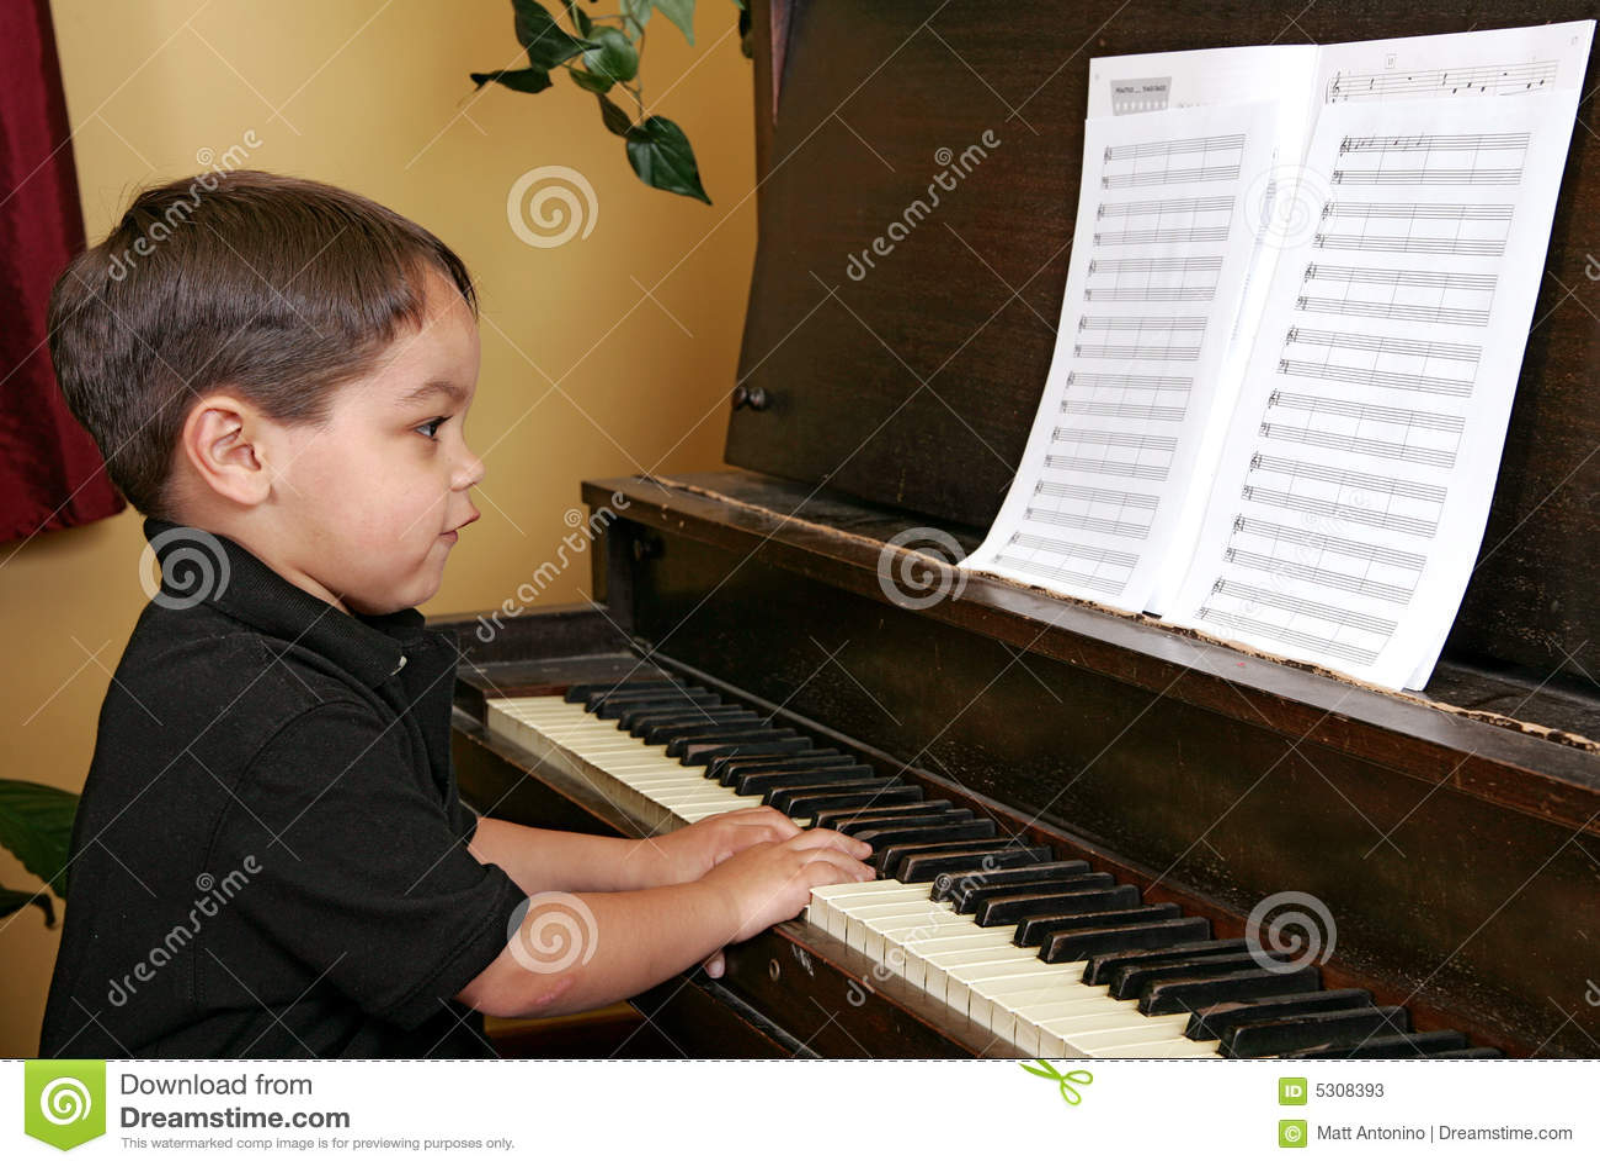 Download Giovane Ragazzo Che Gioca Piano Immagine Stock - Immagine di bianco, ragazzo: 5308393